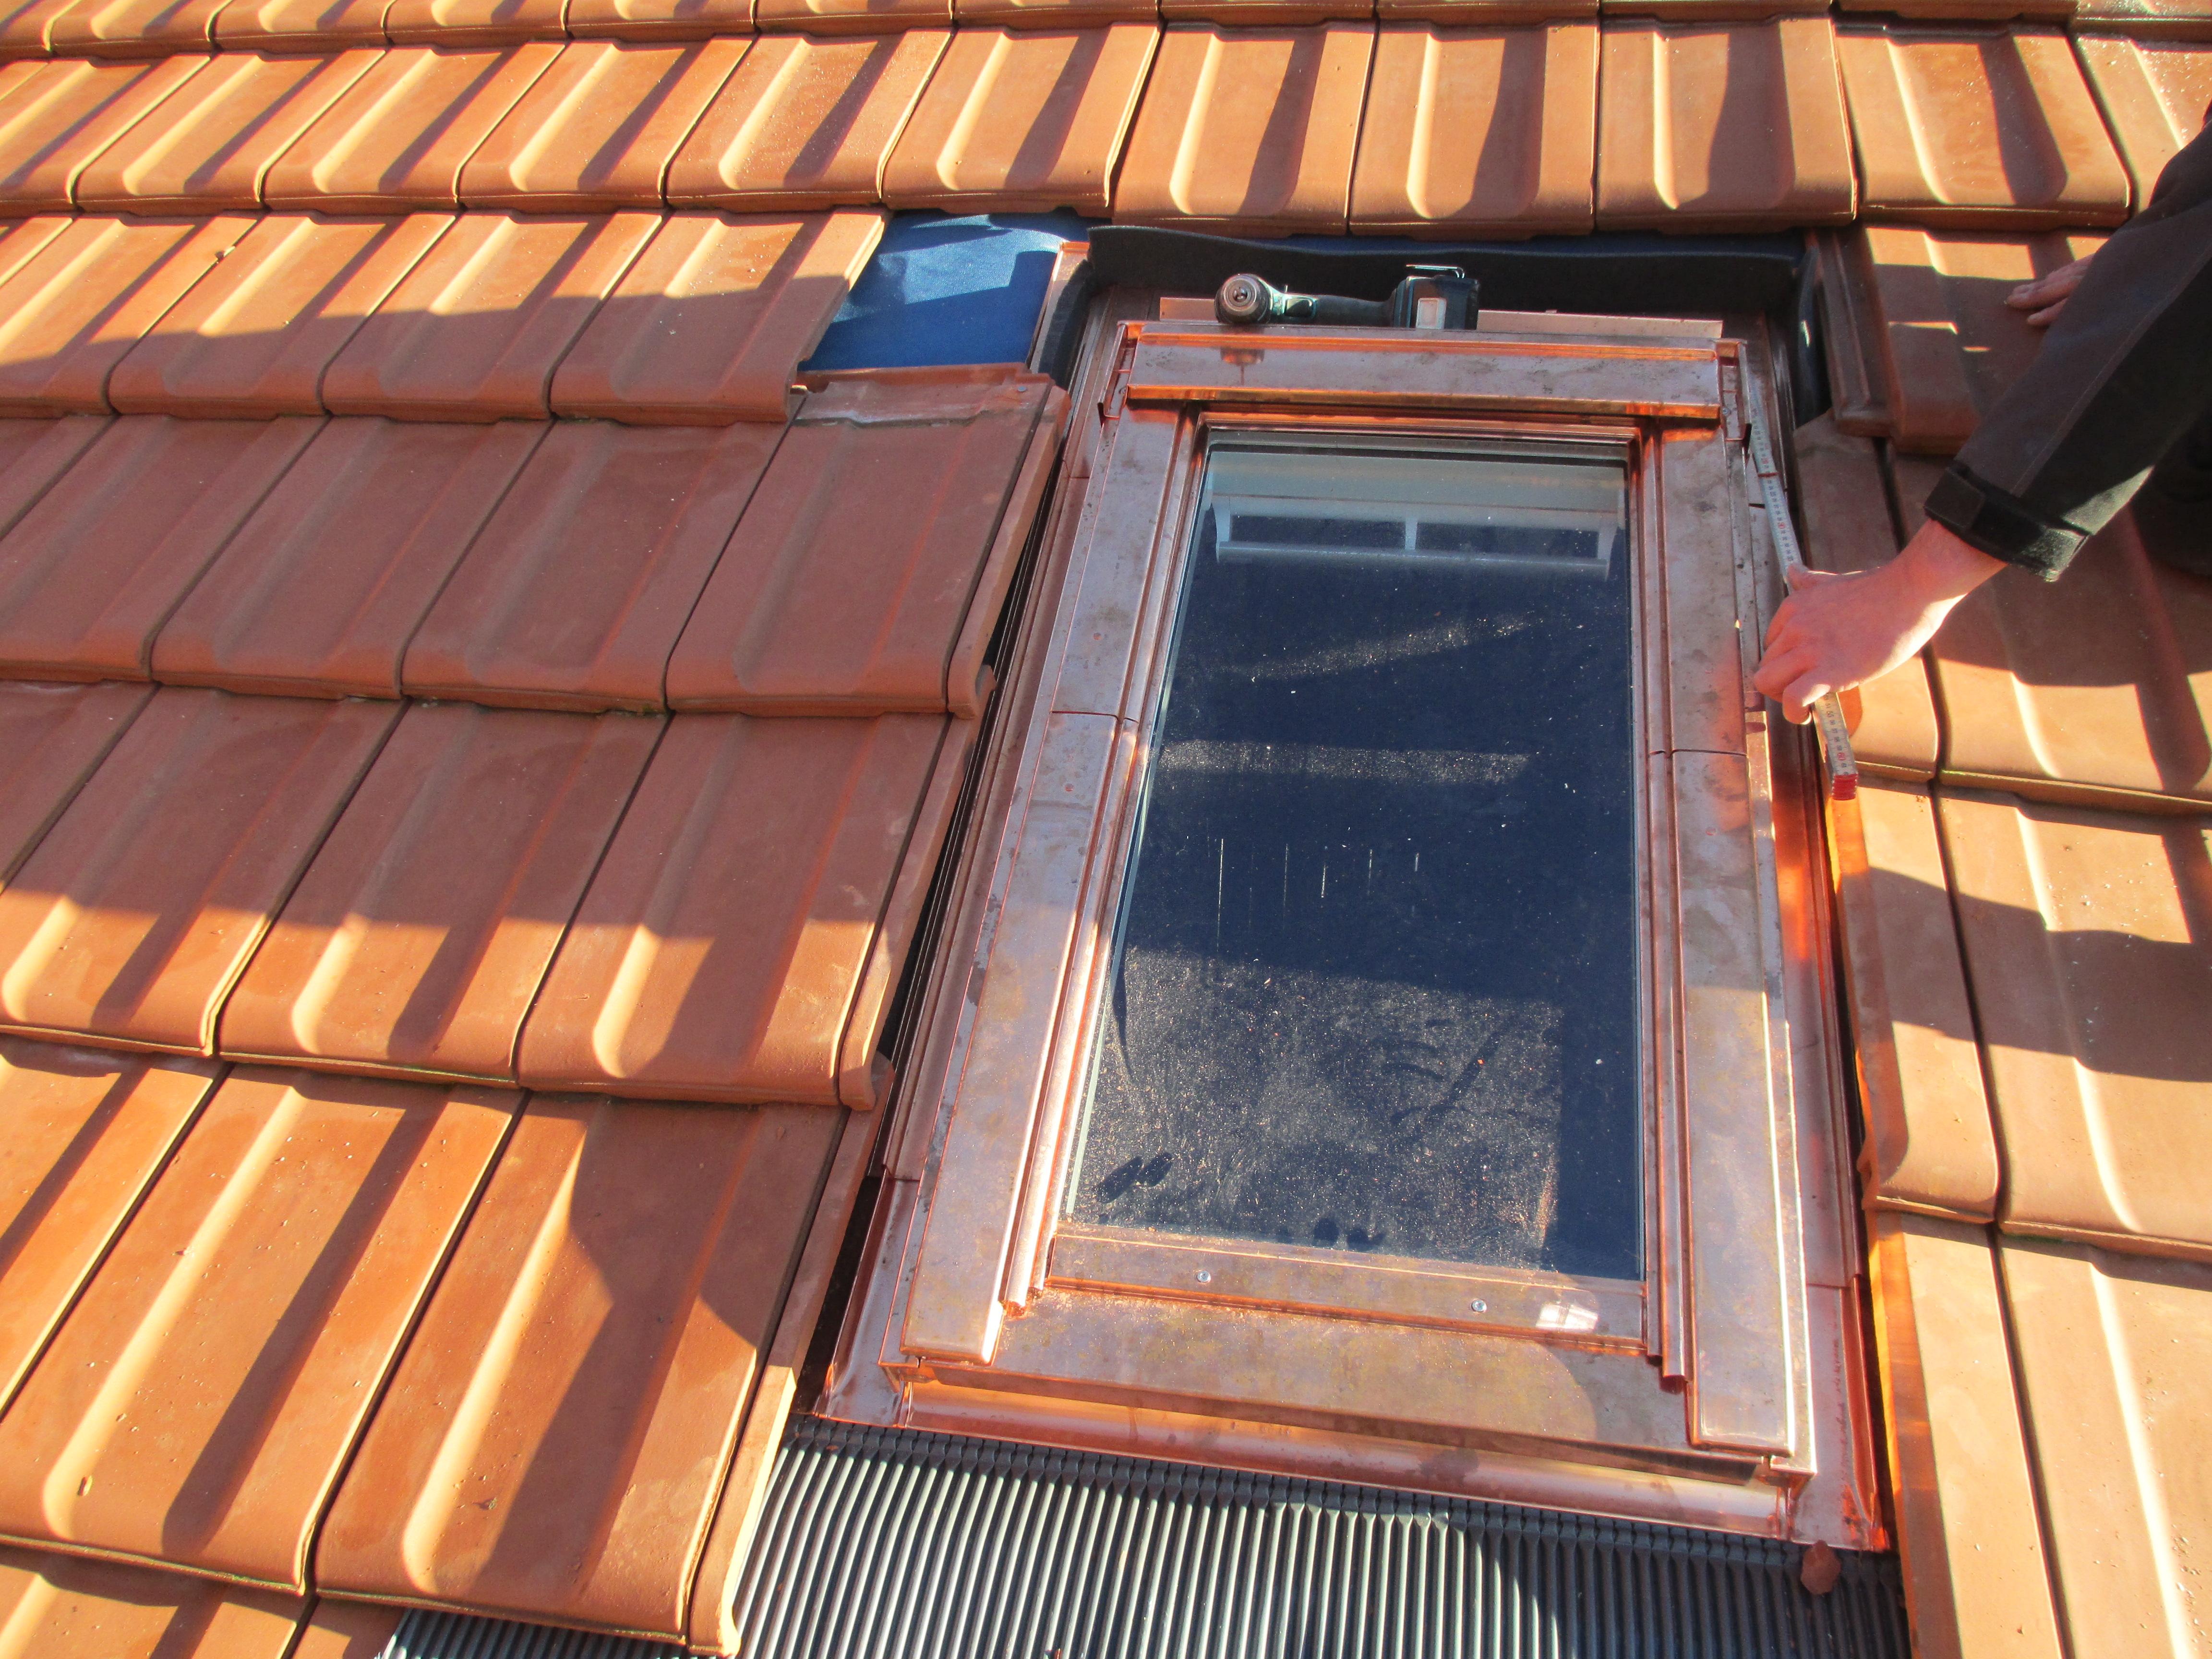 dachfenster einbauen with dachfenster einbauen cool top. Black Bedroom Furniture Sets. Home Design Ideas